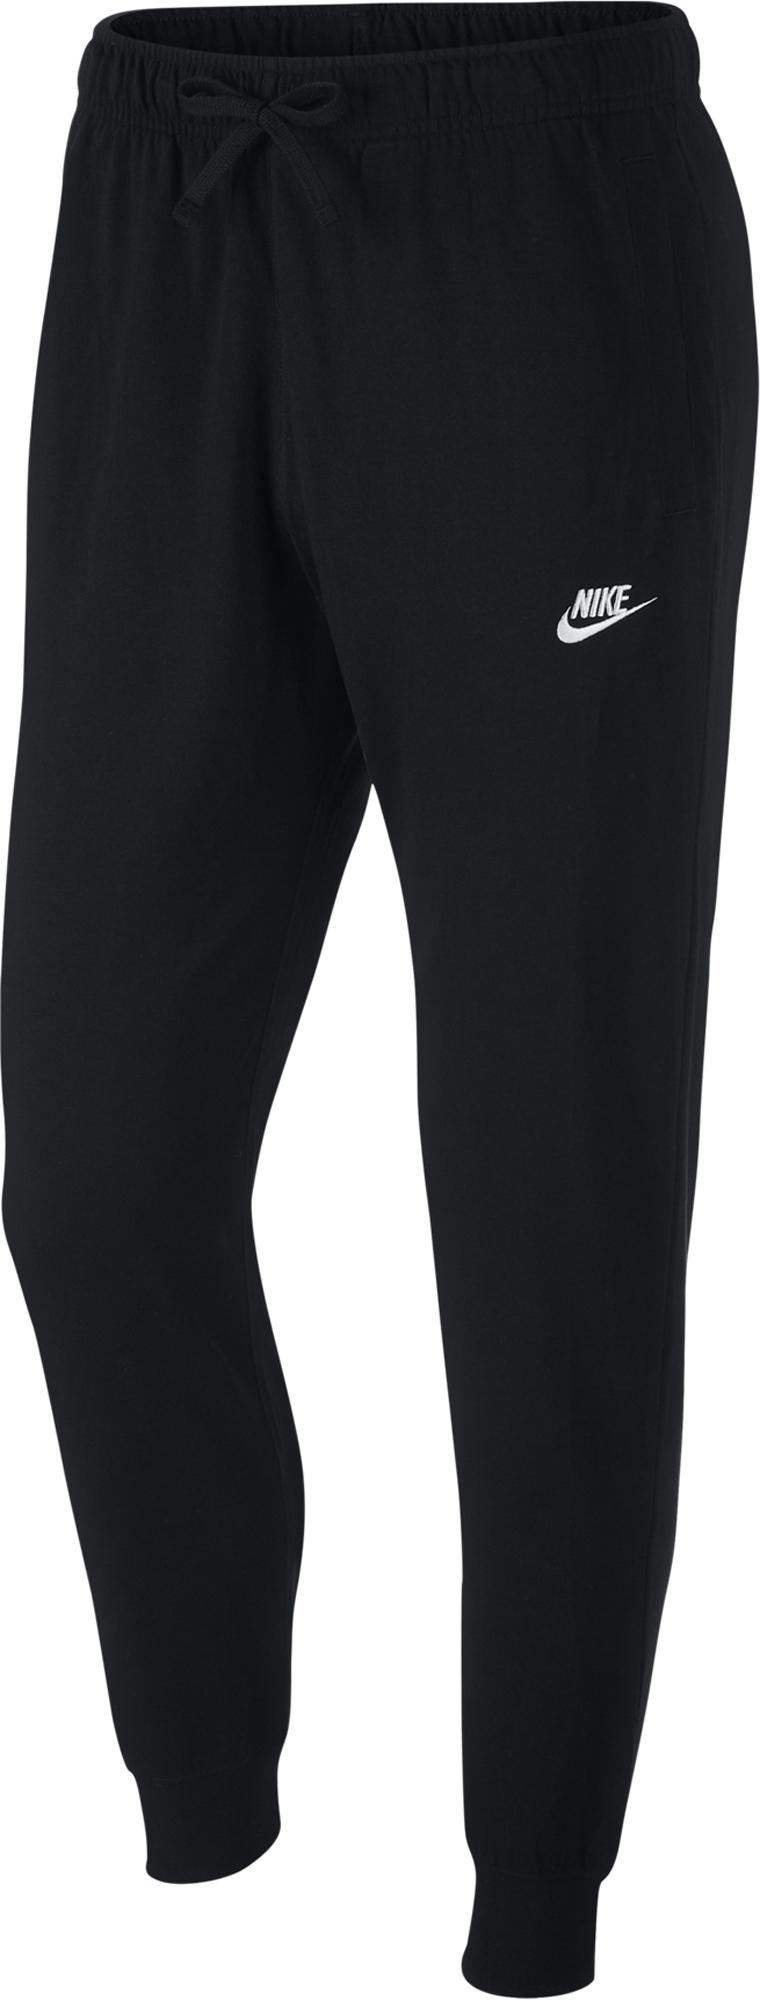 Фото - Nike Брюки мужские Nike Sportswear Club, размер 50-52 nike шорты мужские nike sportswear club размер 44 46